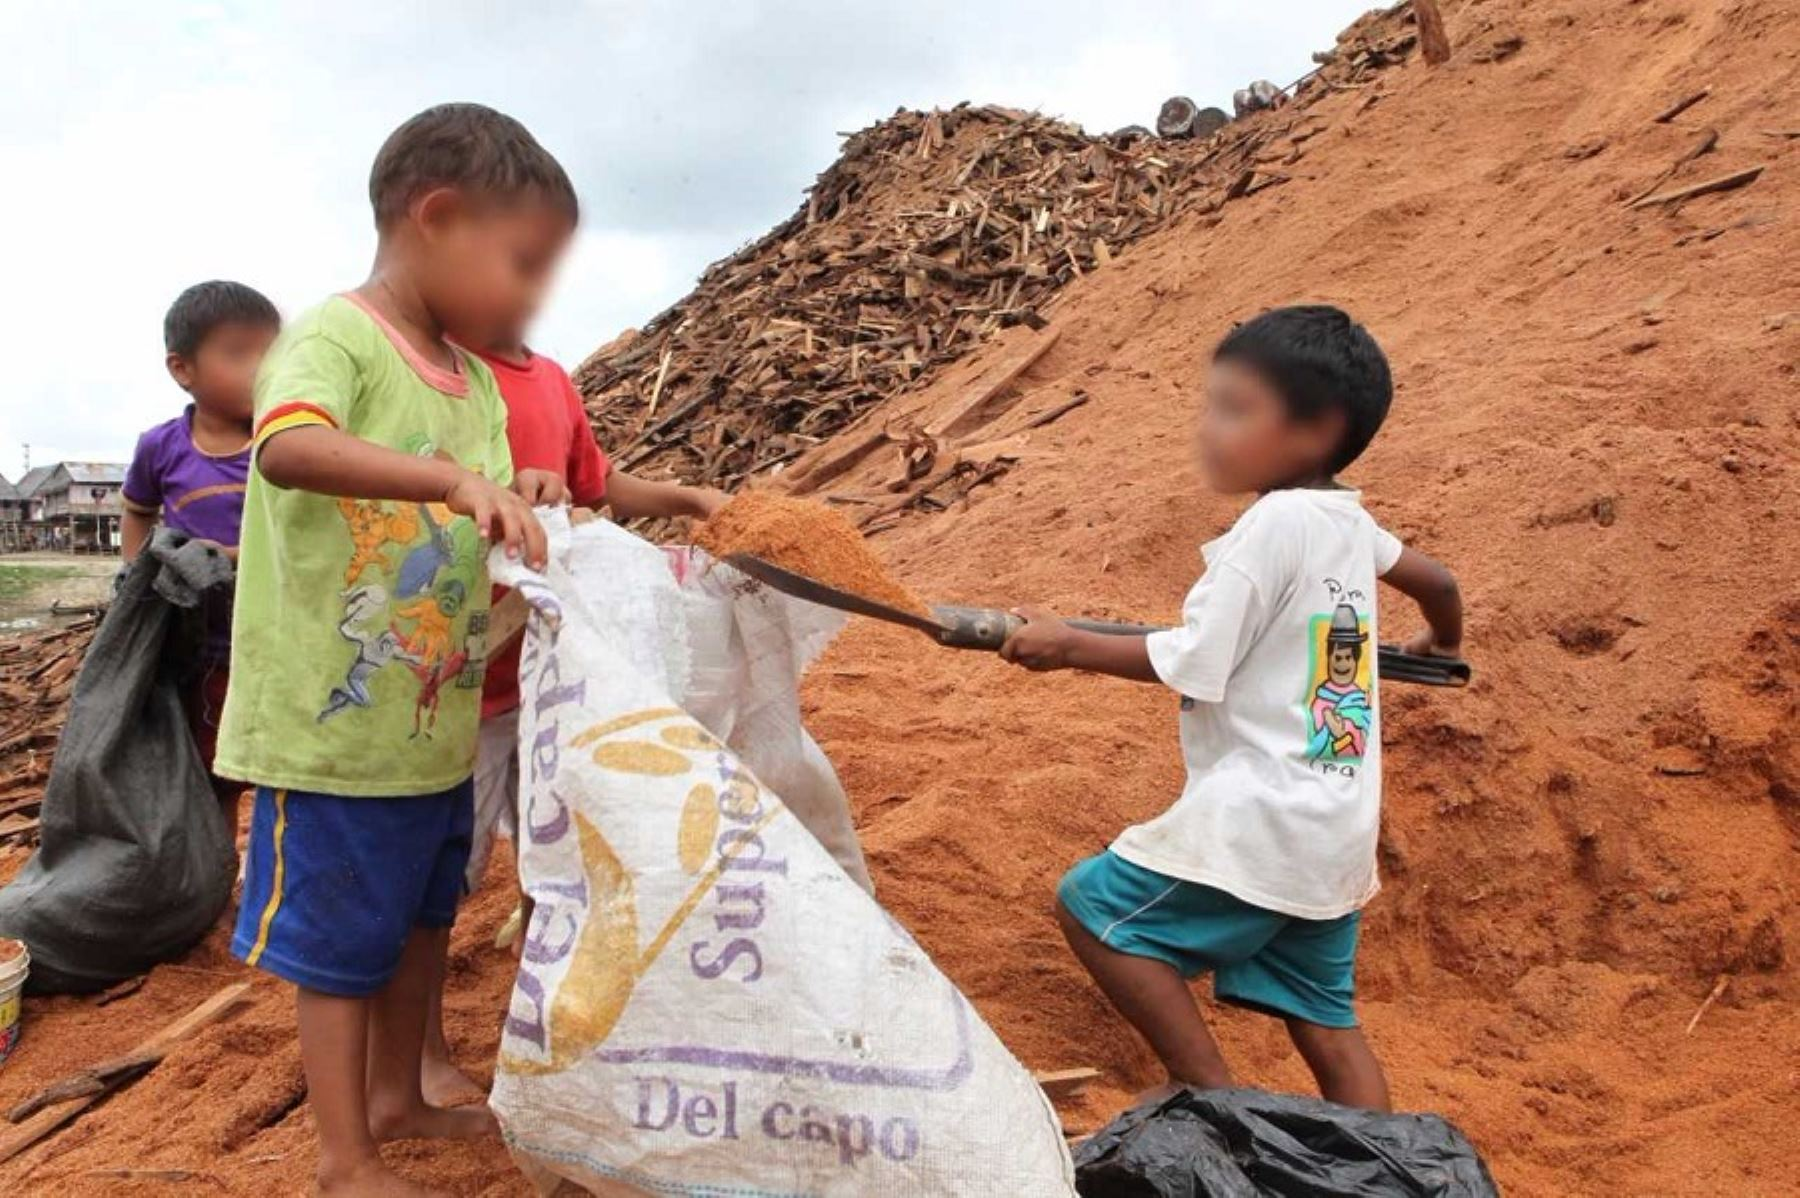 El Ministerio de Trabajo y Promoción del Empleo enfocará sus acciones para prevenir y erradicar el trabajo infantil y adolescente peligroso, en especial en zonas rurales, manifestó el viceministro de Trabajo, Augusto Eguiguren